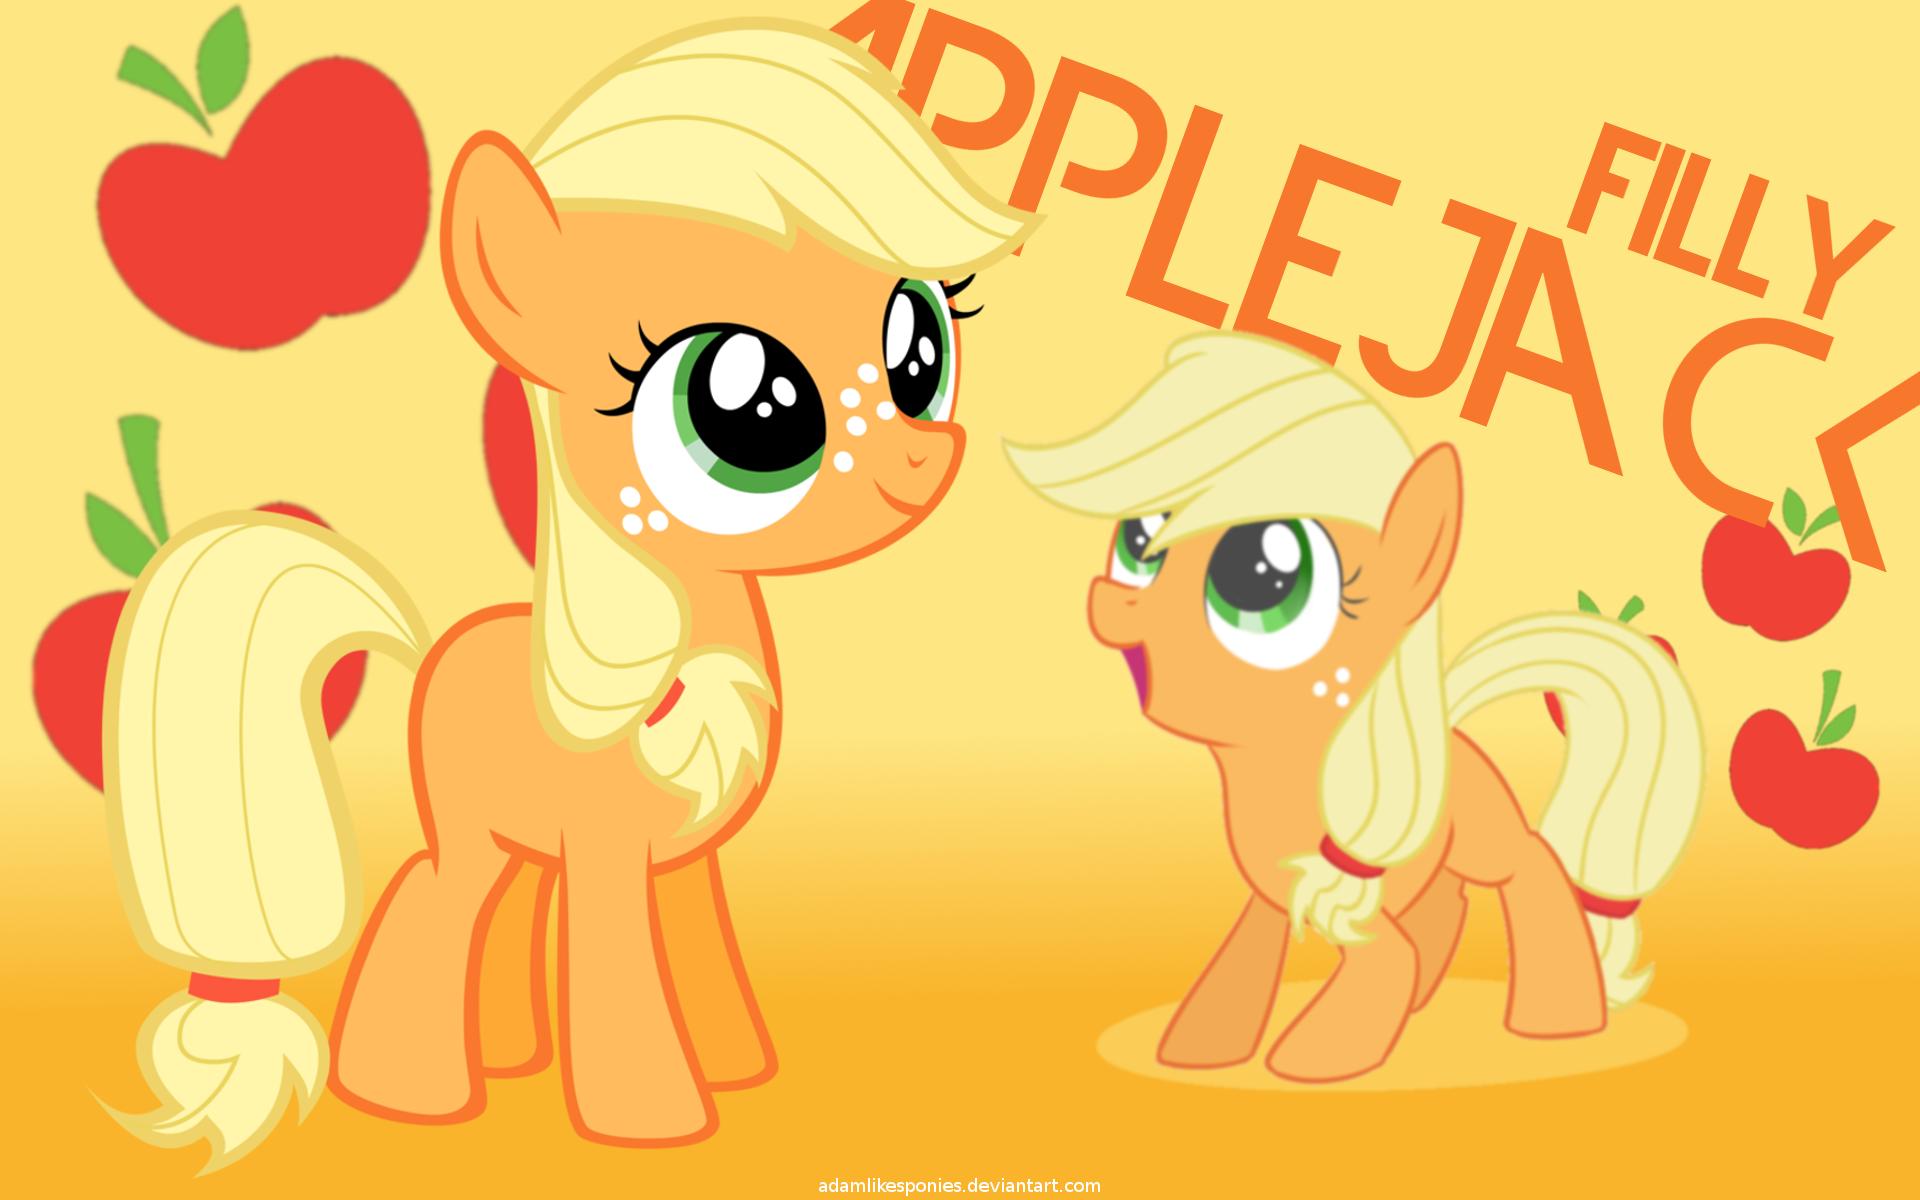 Filly Applejack Wallpaper by adamlikesponies